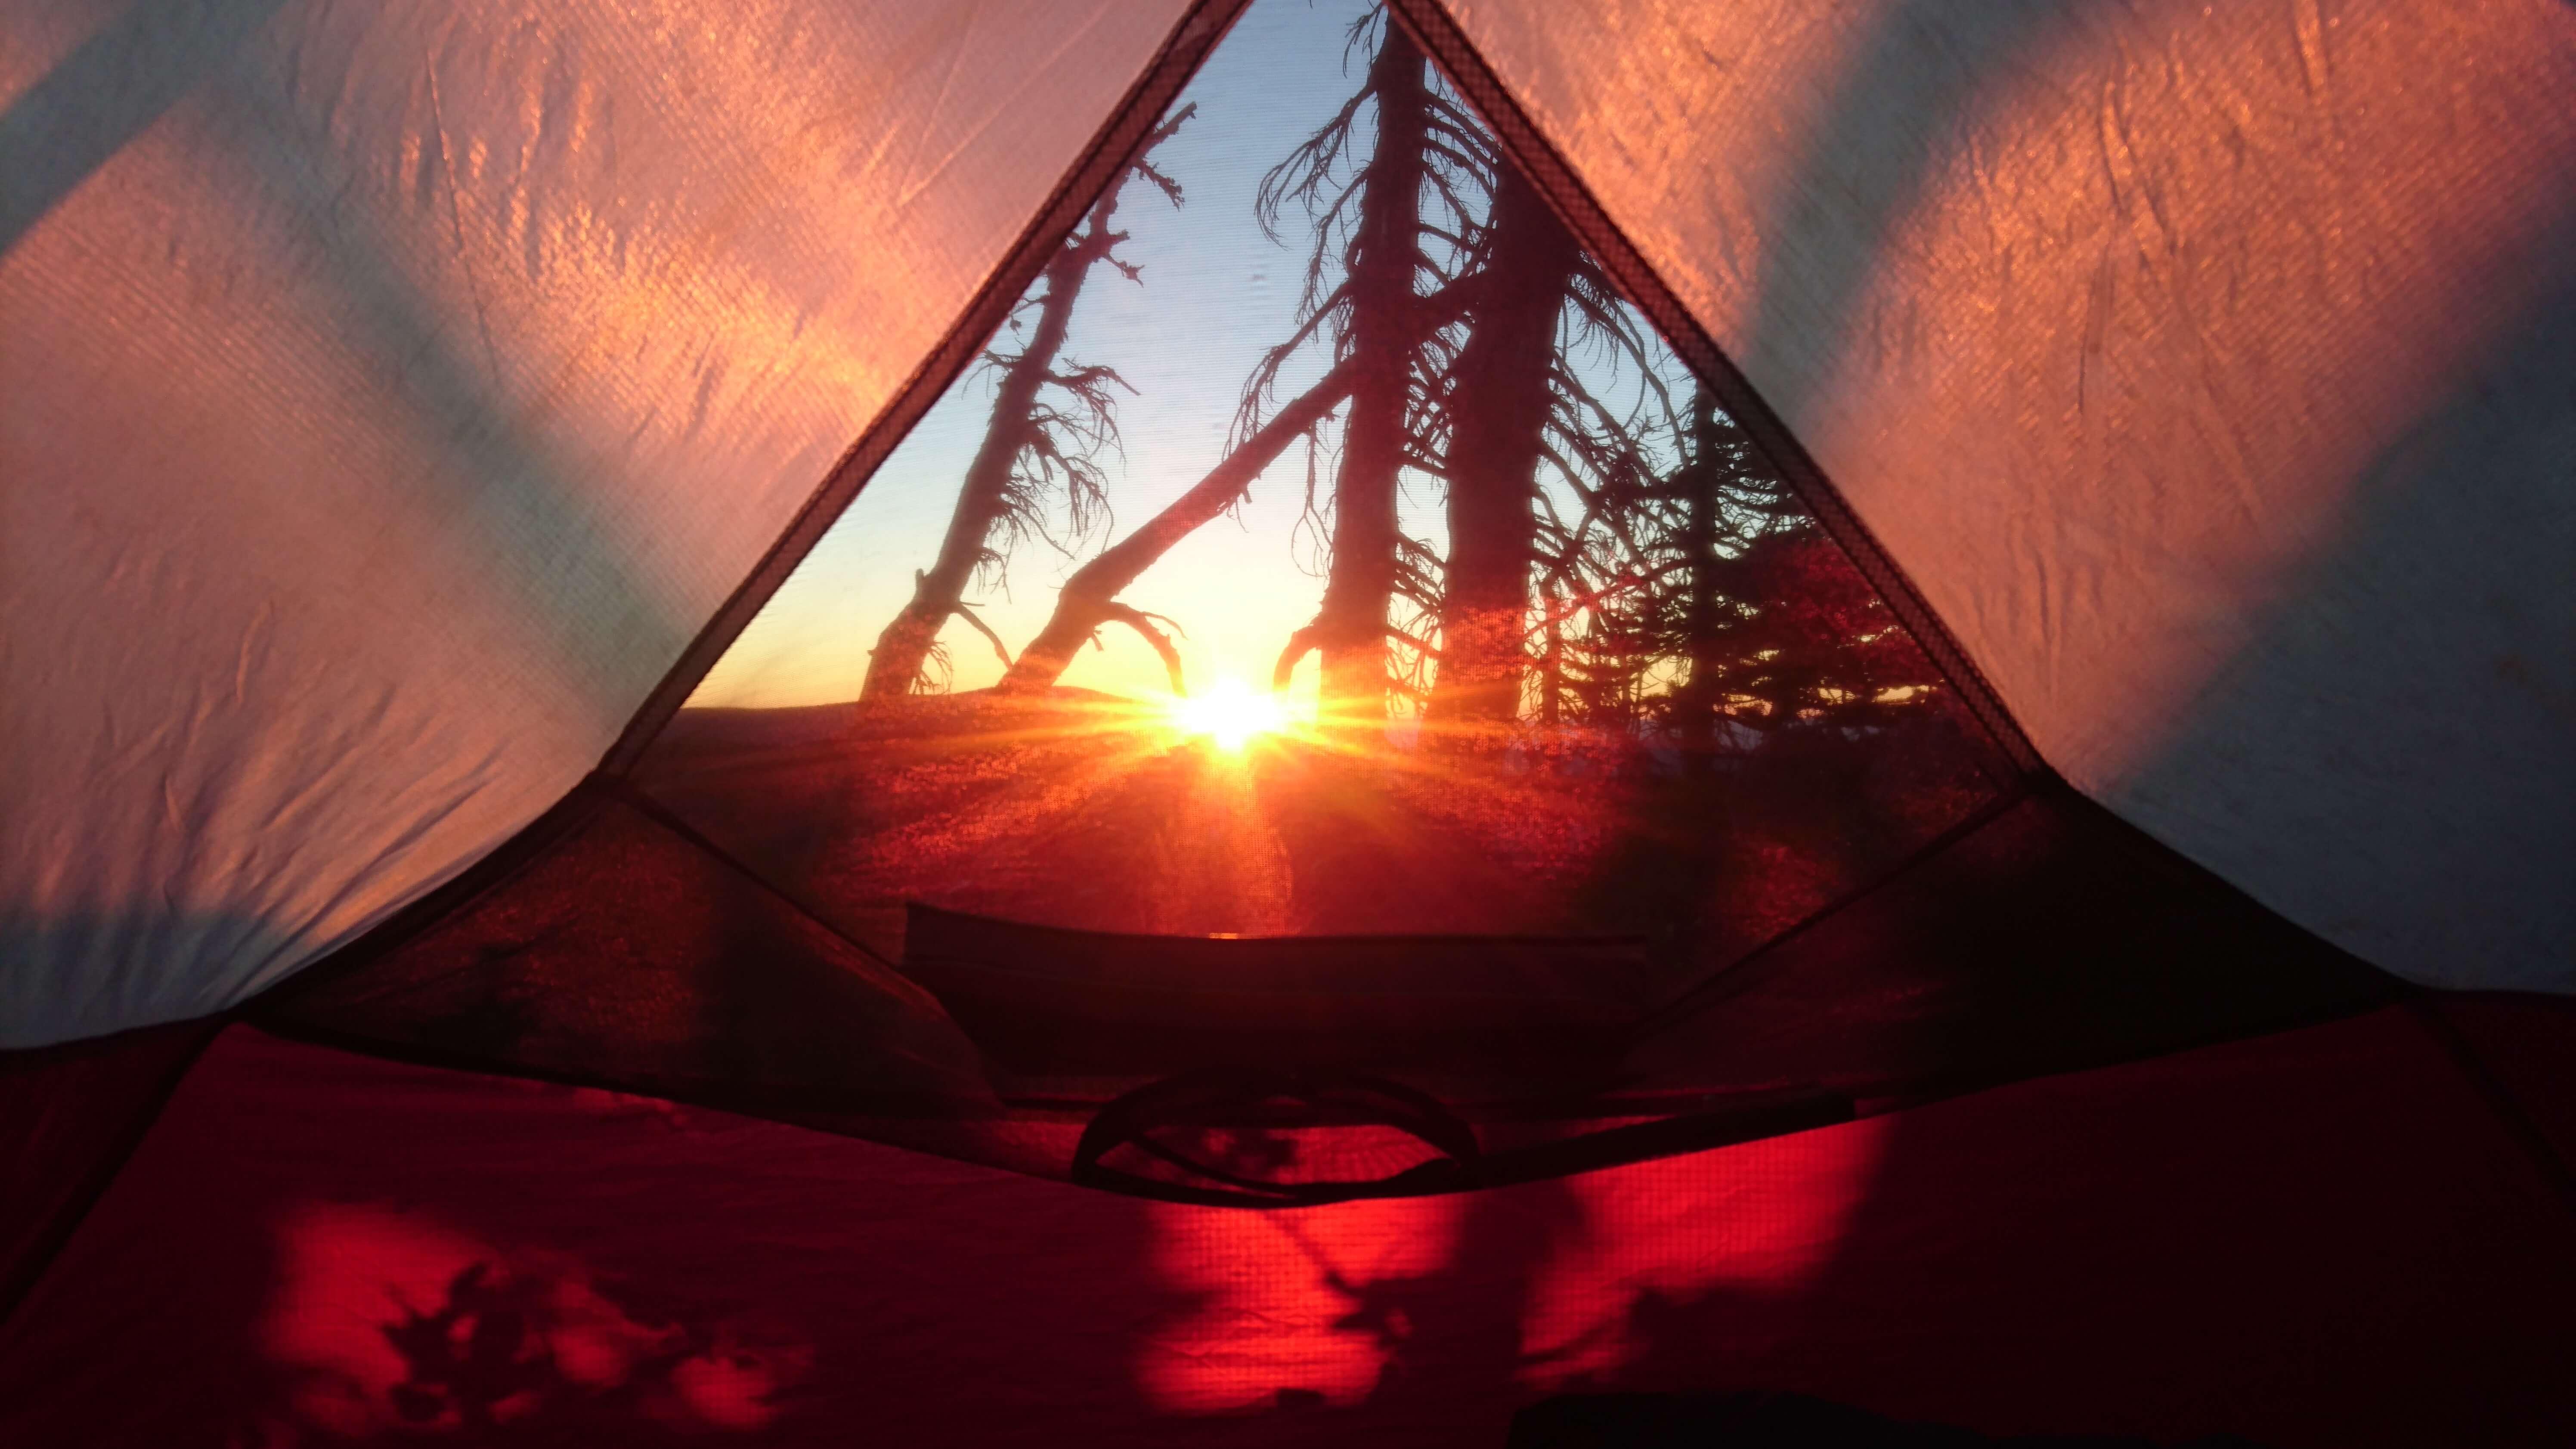 Rêve ou réel lever de soleil ?